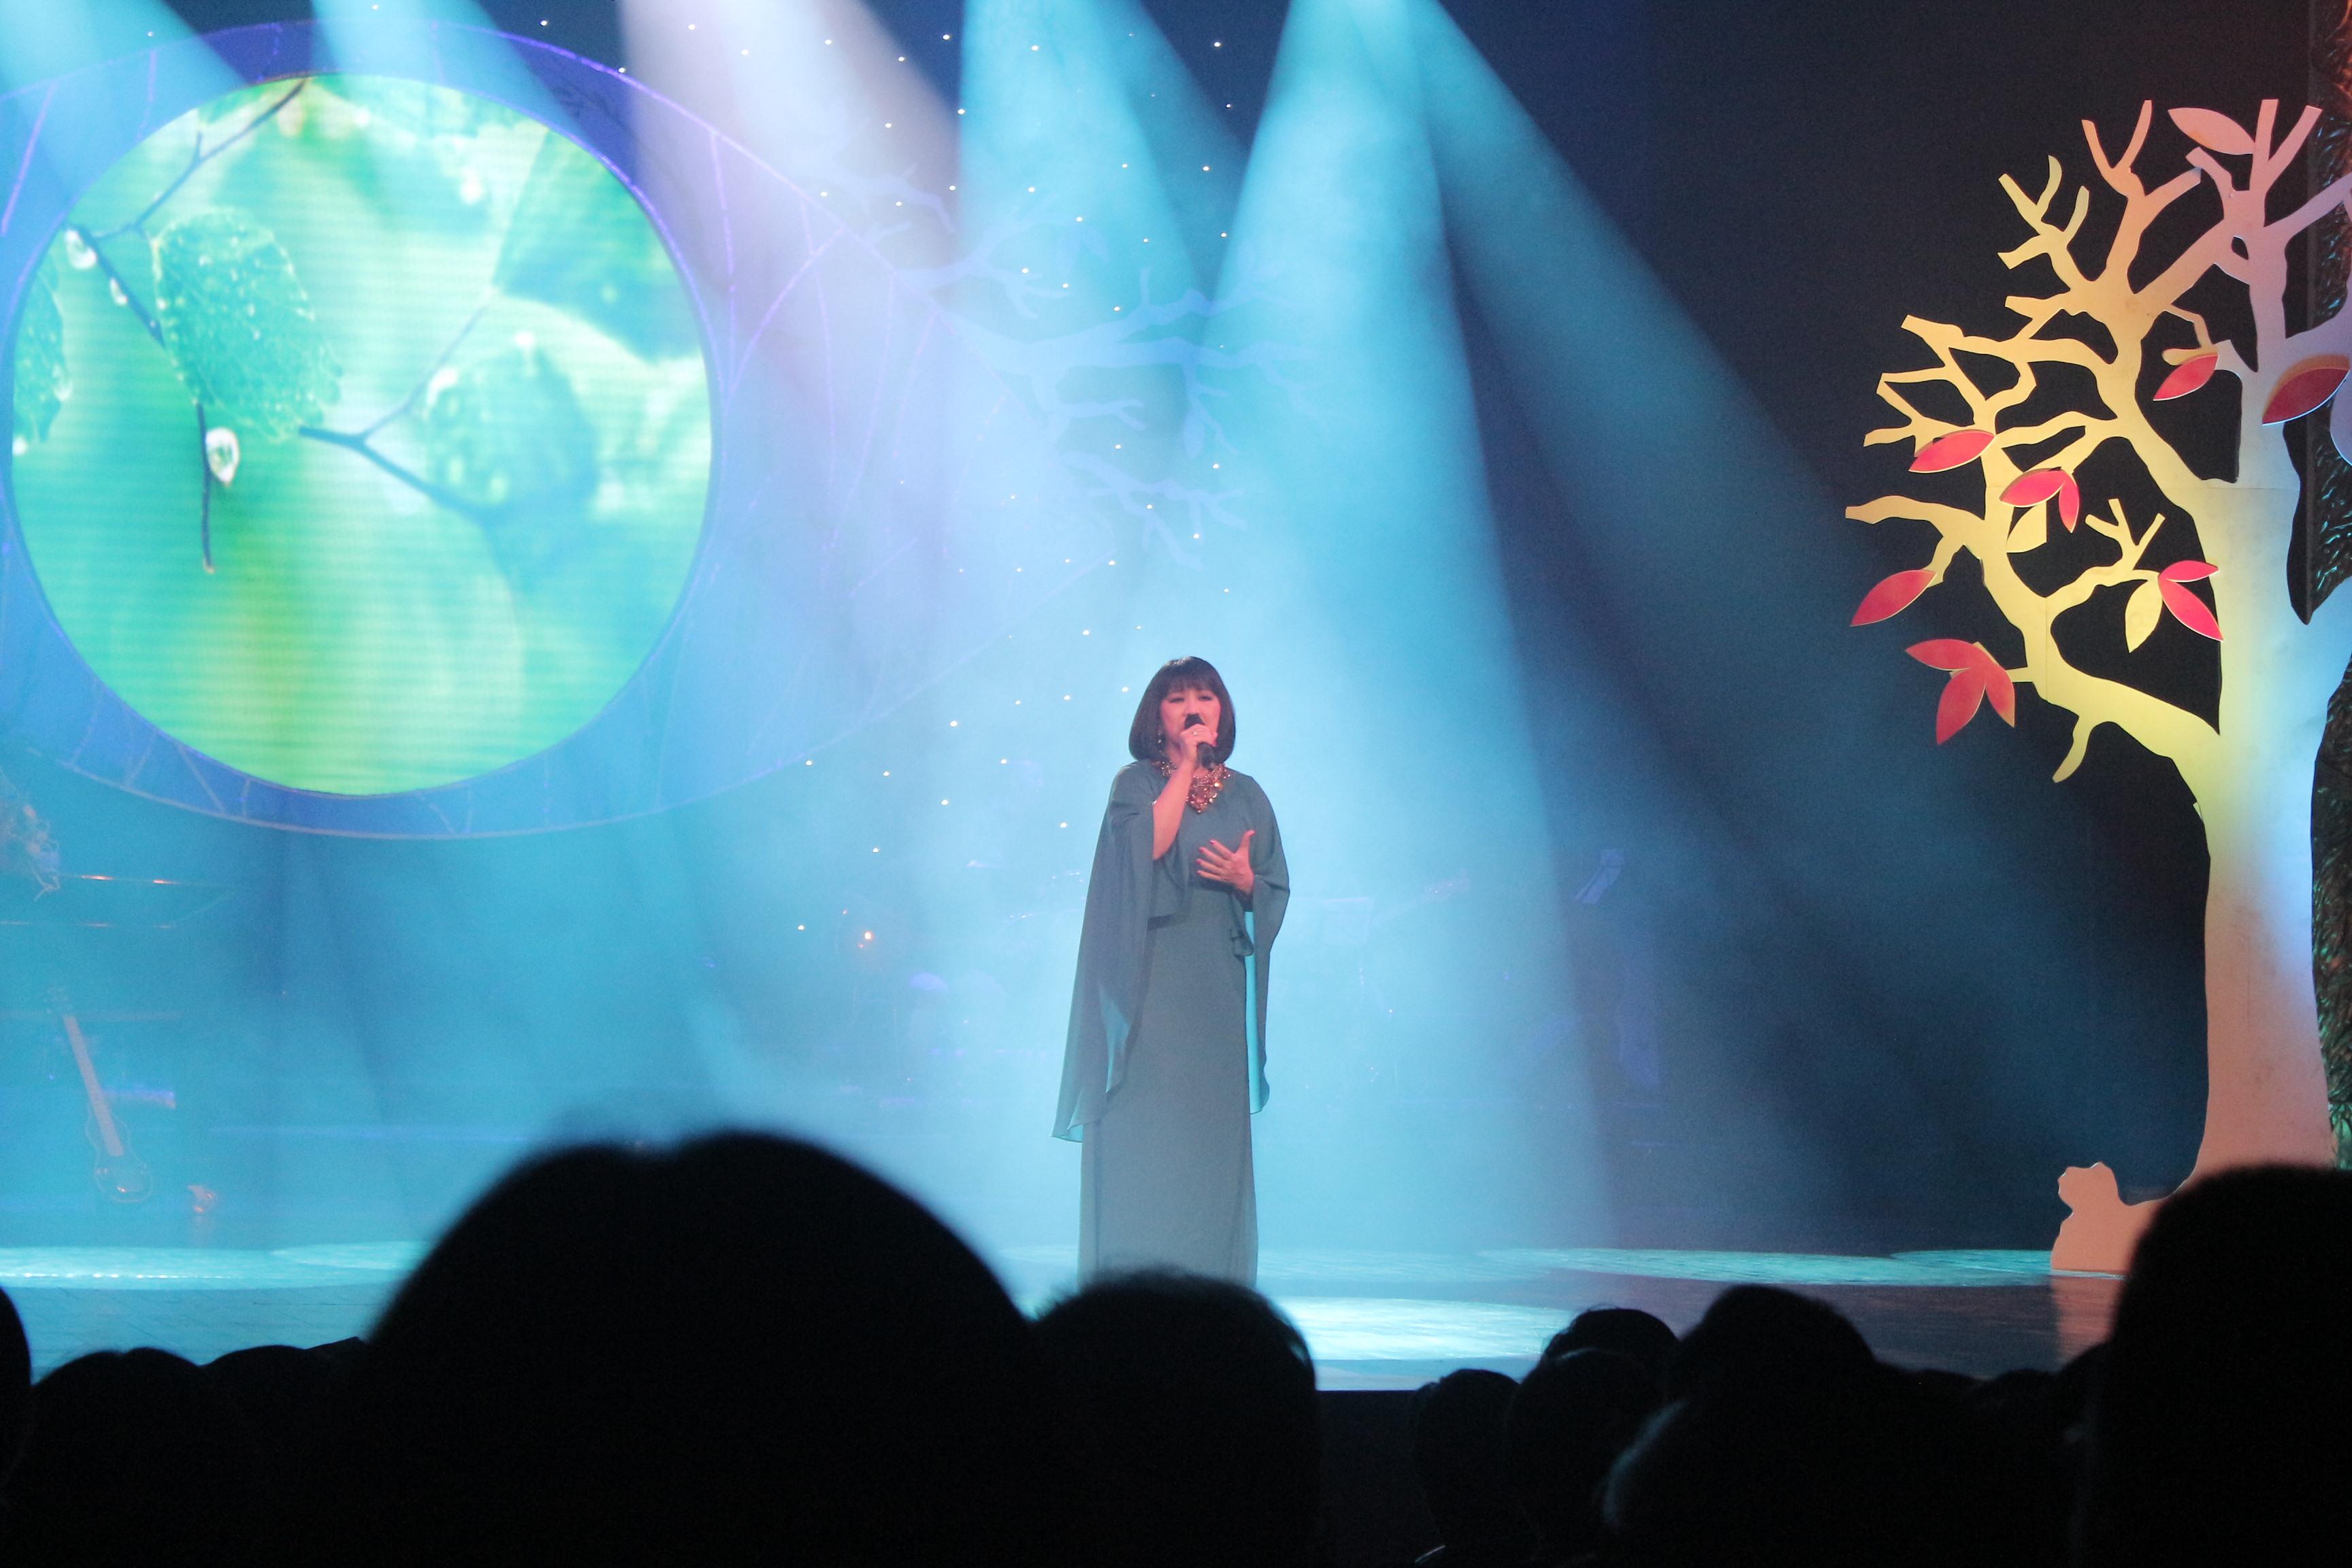 Mỹ Tâm gợi cảm với váy xẻ, Hồng Nhung trẻ như thiếu nữ trong đêm nhạc Trịnh 8